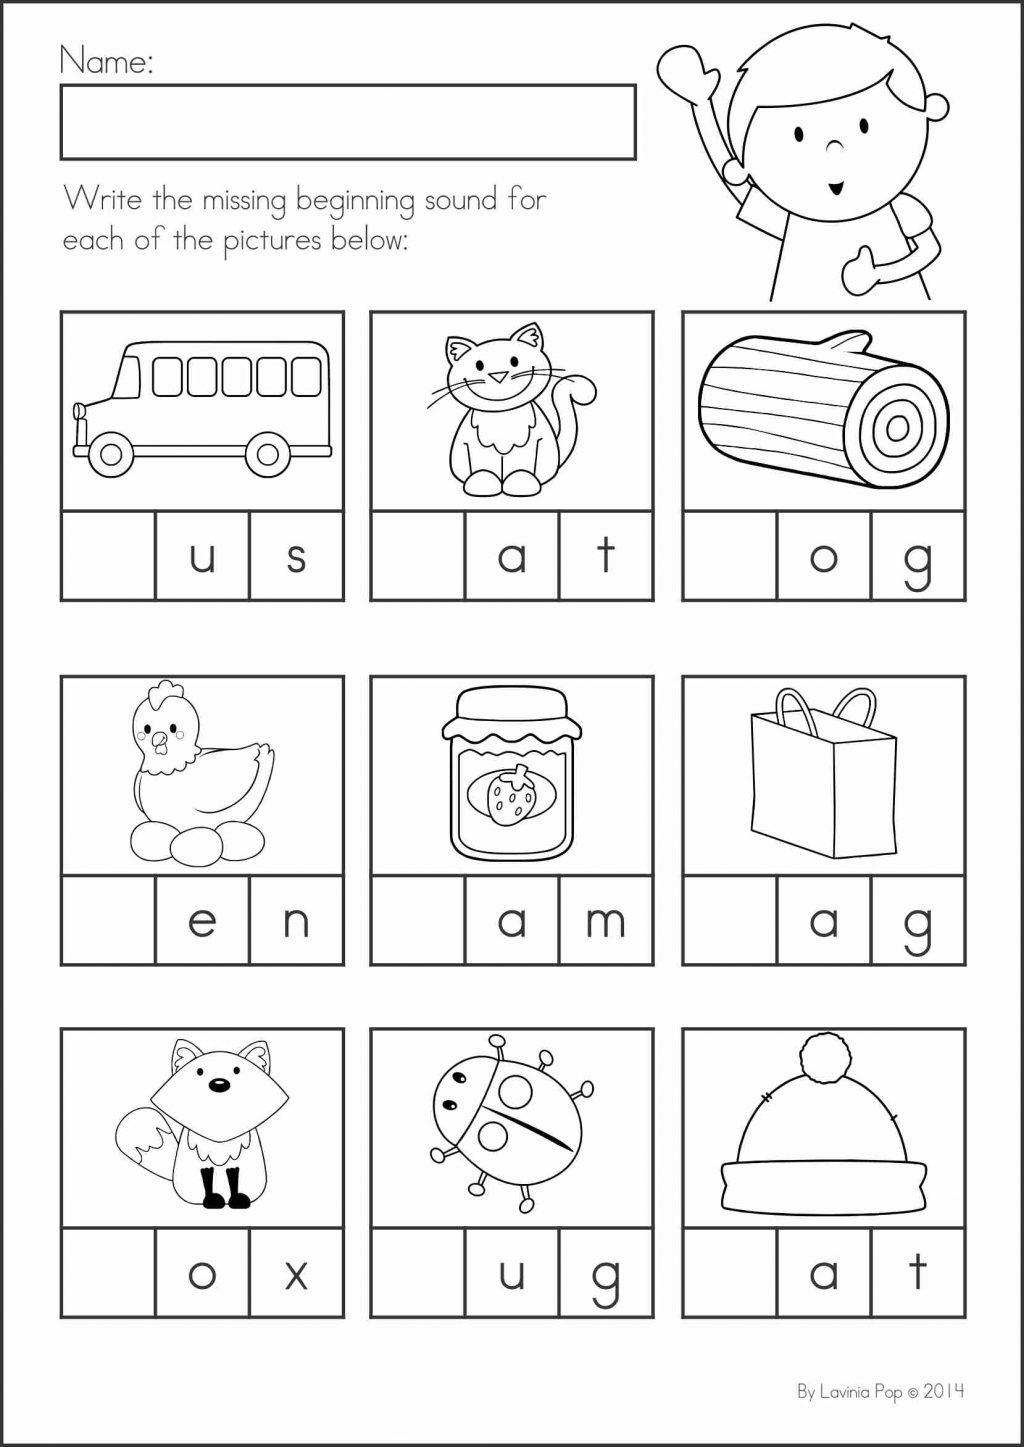 Worksheets Middle Sound Worksheets middle consonant sounds worksheets